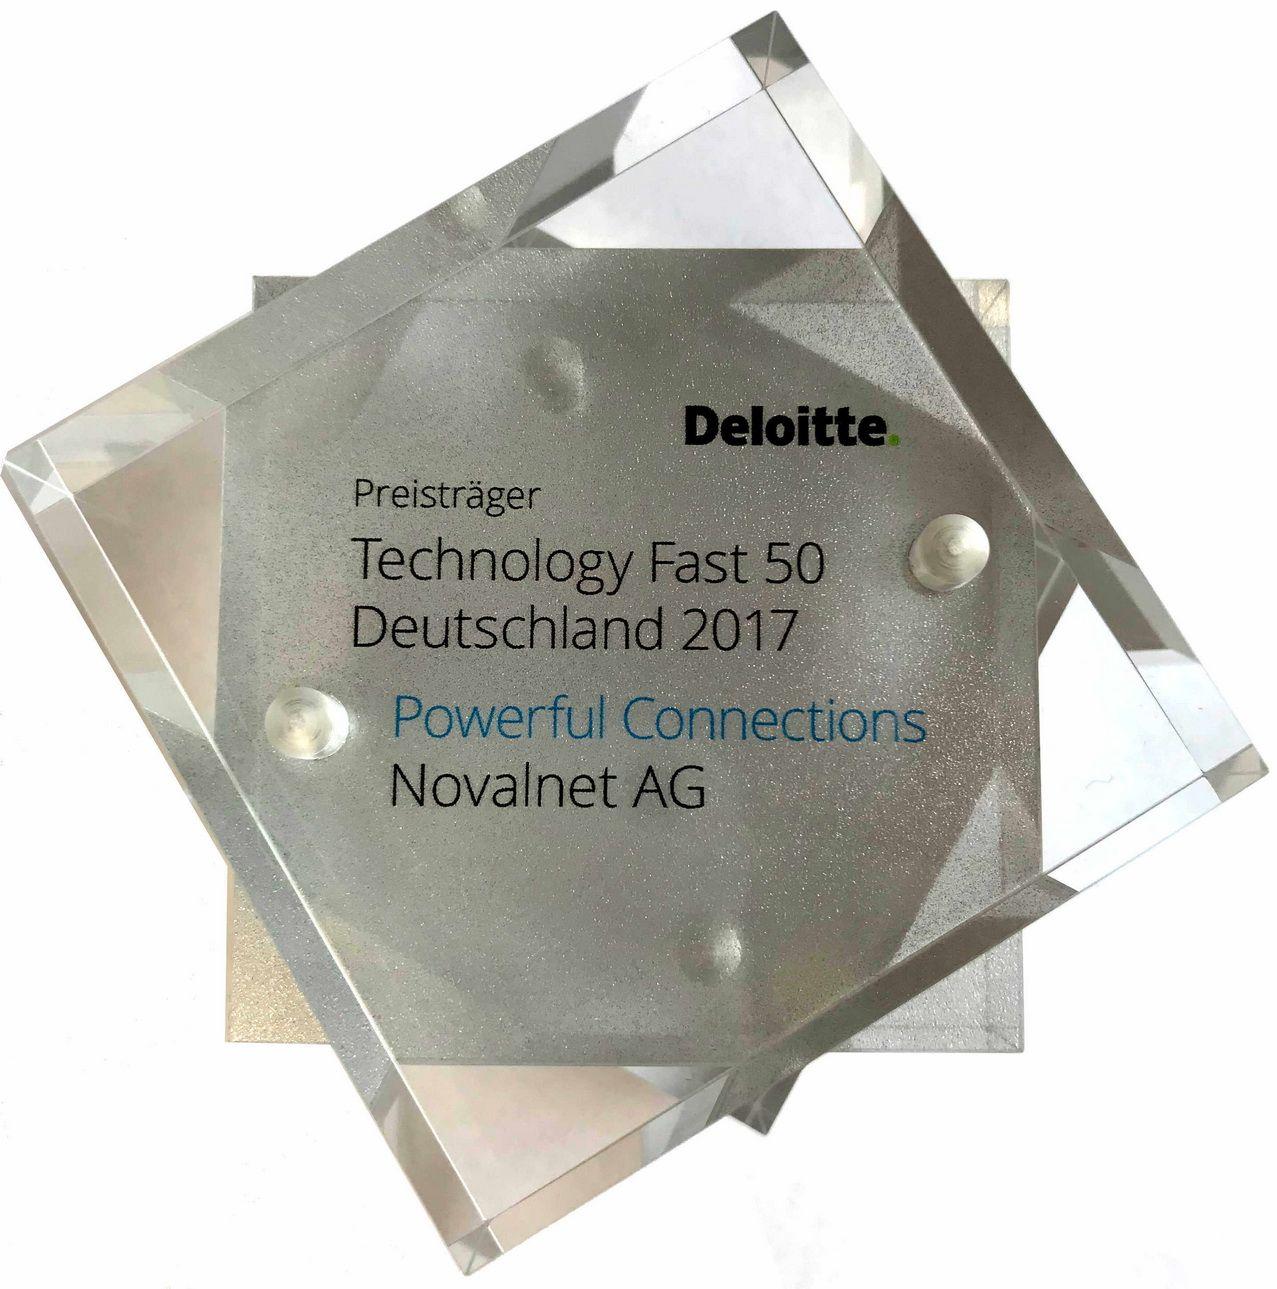 Deloitte technology fast50